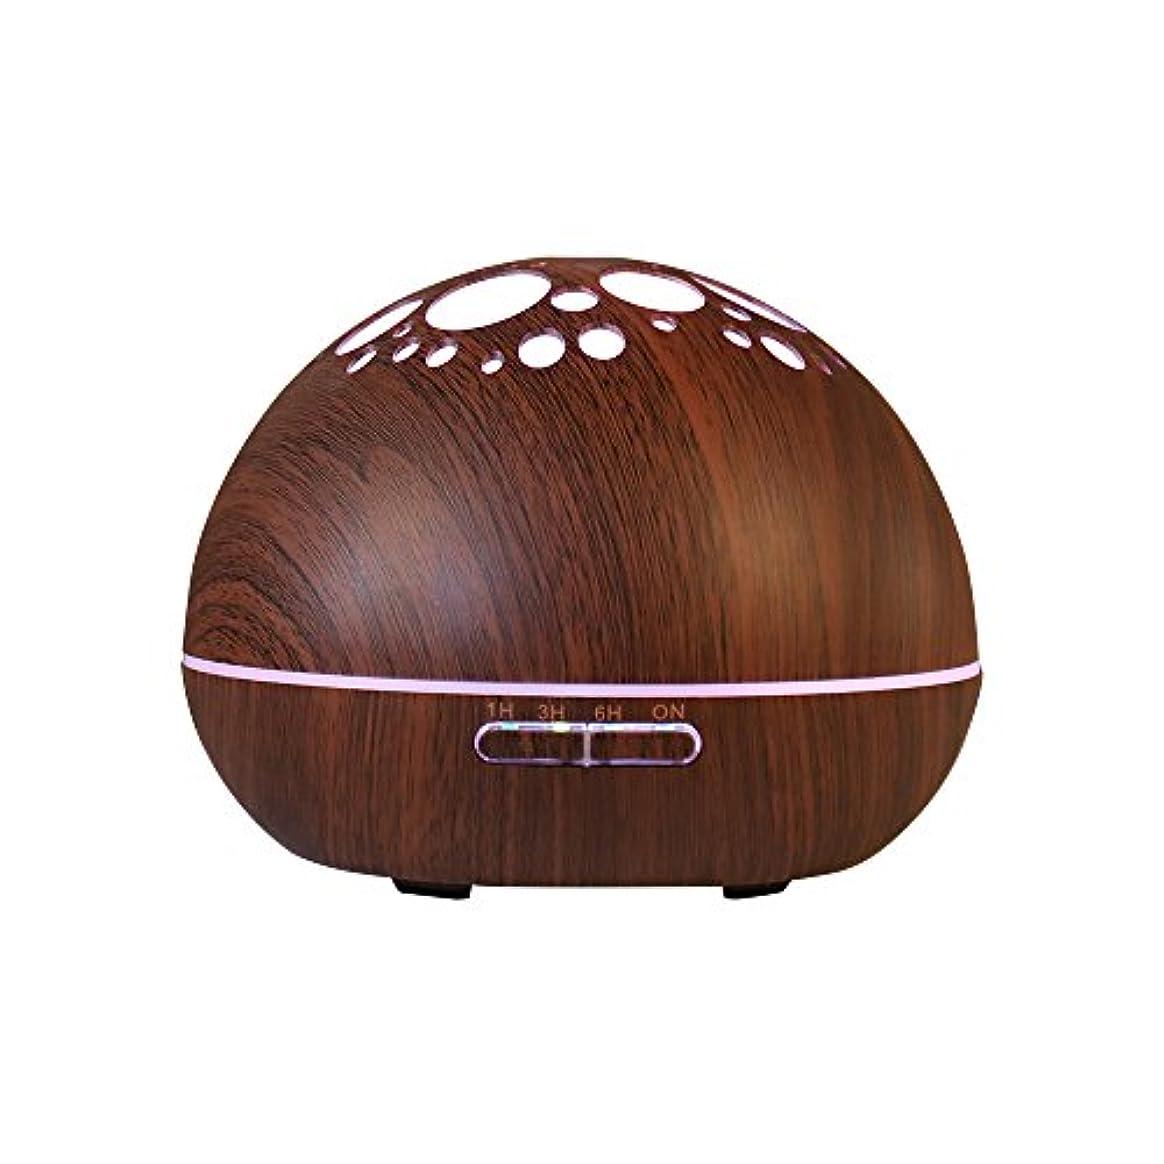 バイオリン無意識くつろぎアロマディフューザー 超音波式 加湿器 7色変換LED搭載 時間設定可能 300ML 卓上 アロマライト 2モード 木目調 (ブラウン)